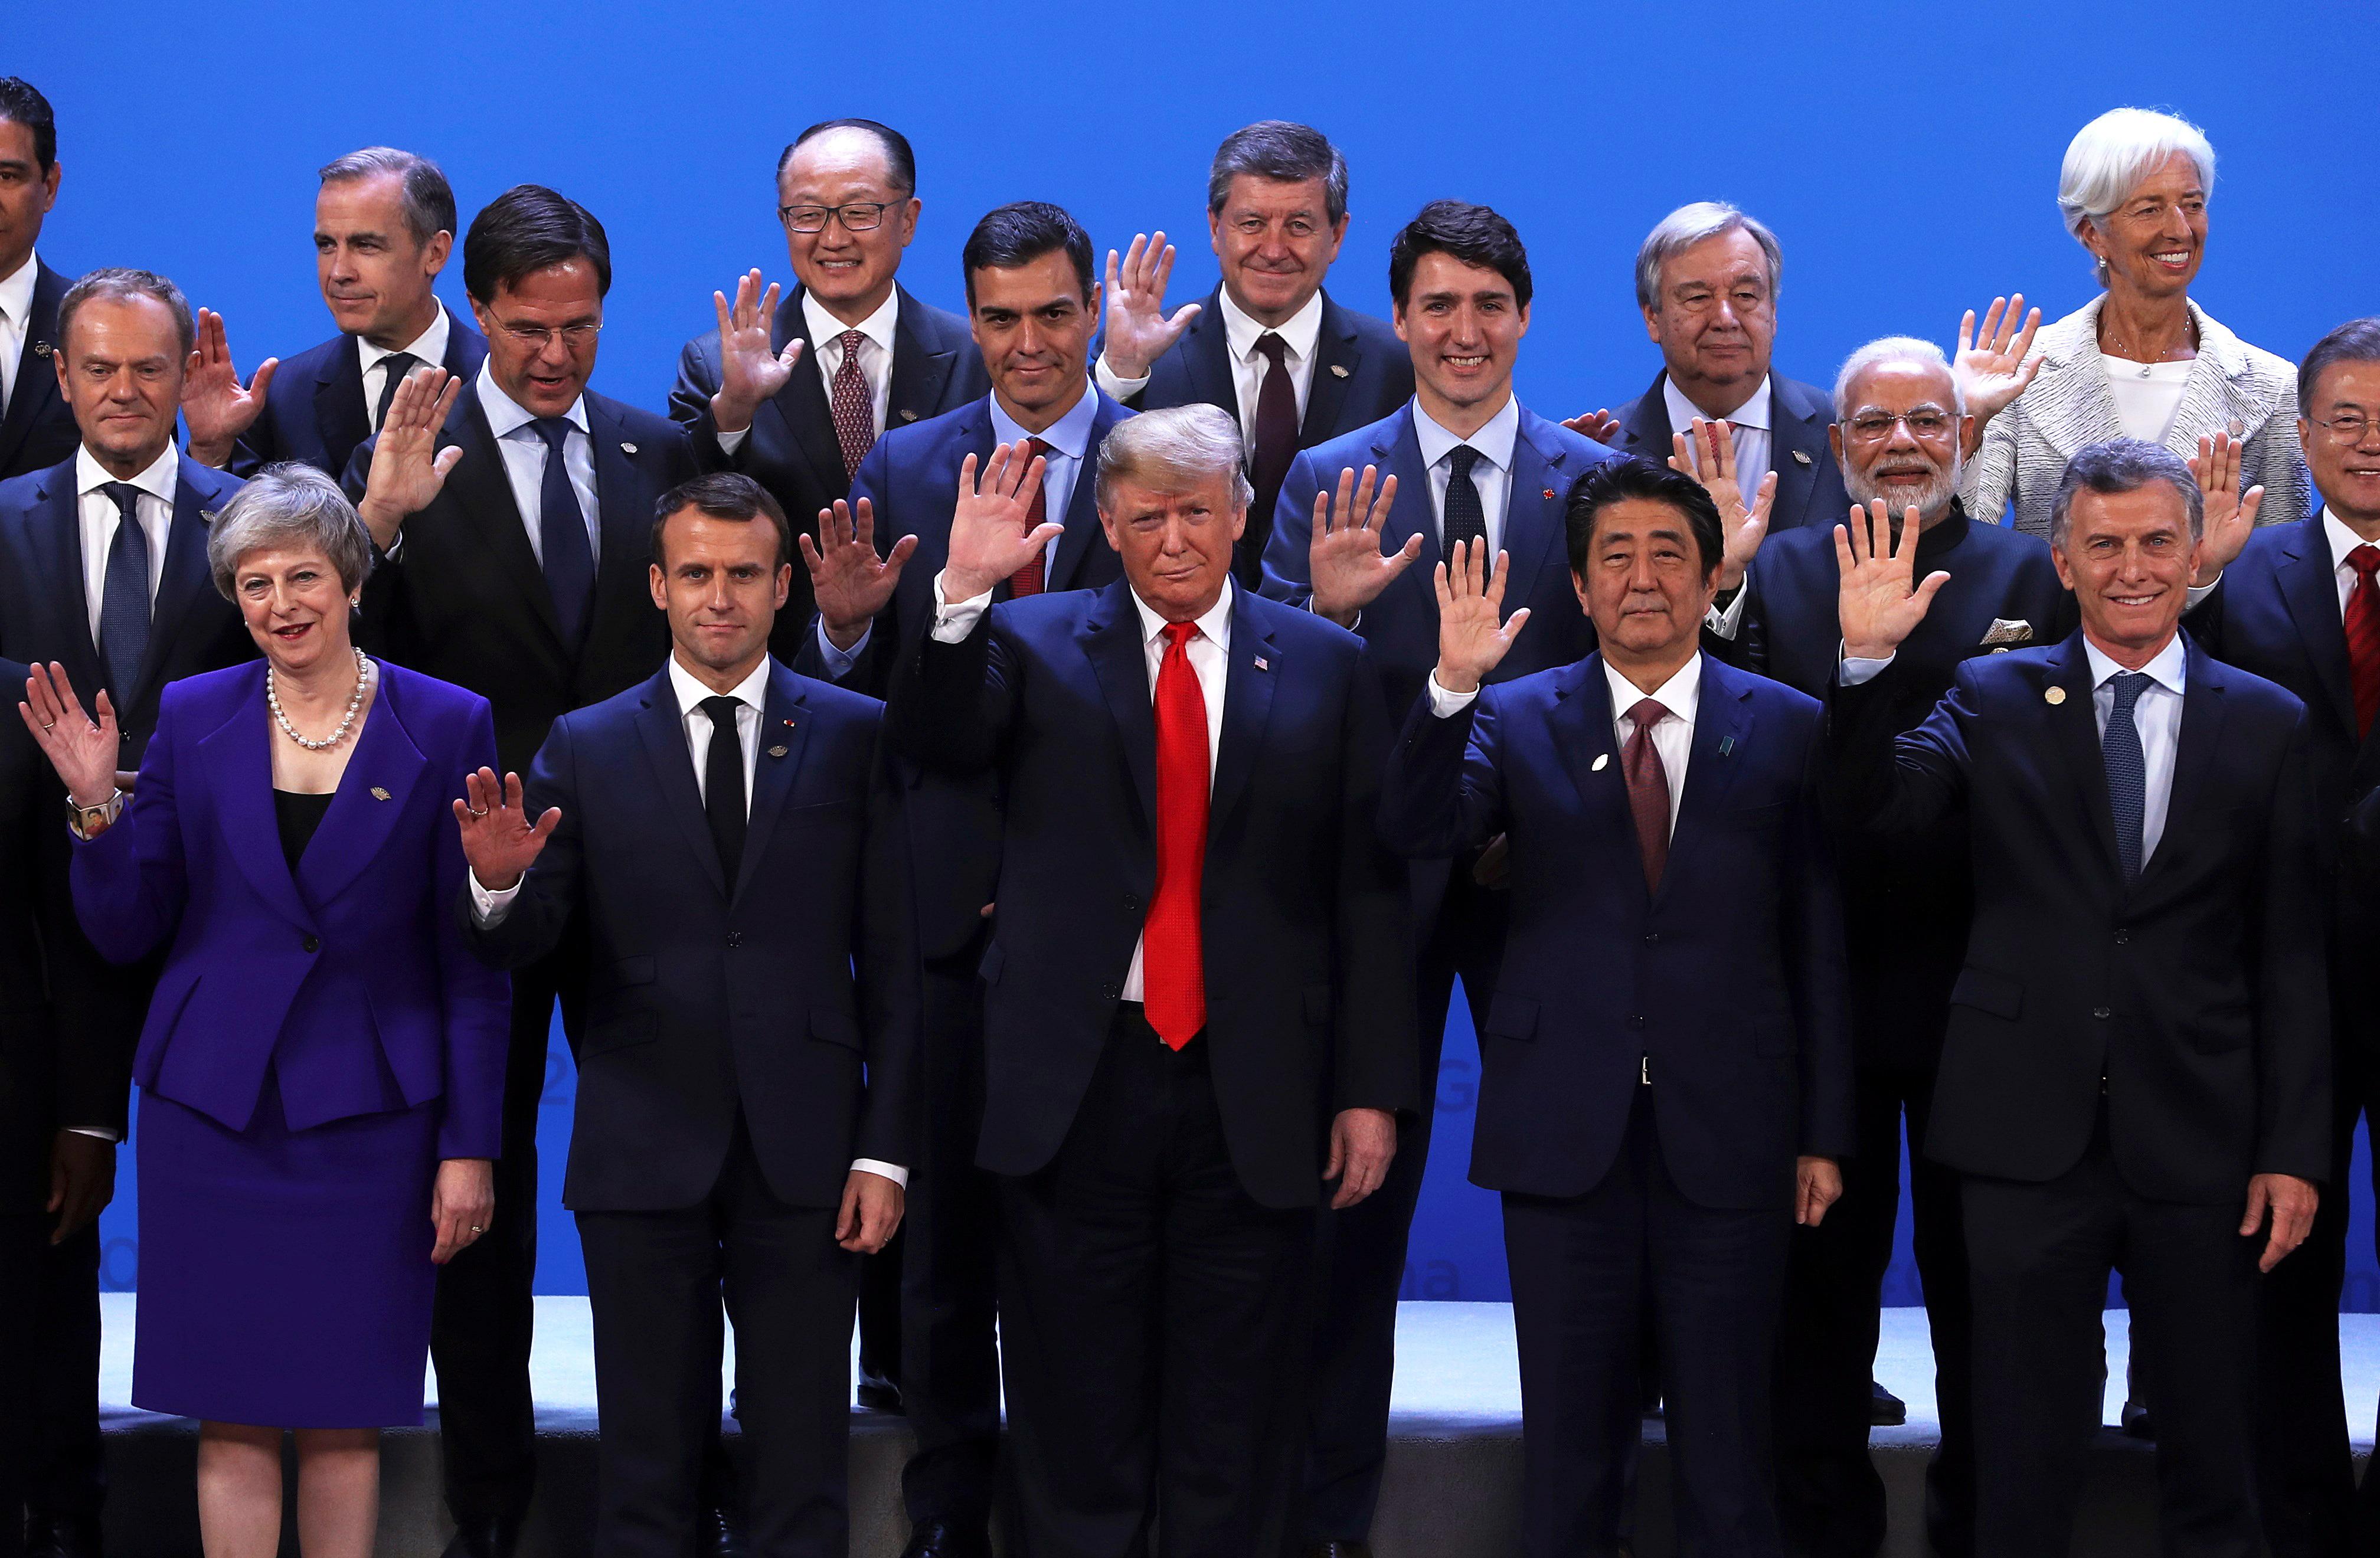 Saudijski prijestolonasljednik ostao po strani na fotografiji G20